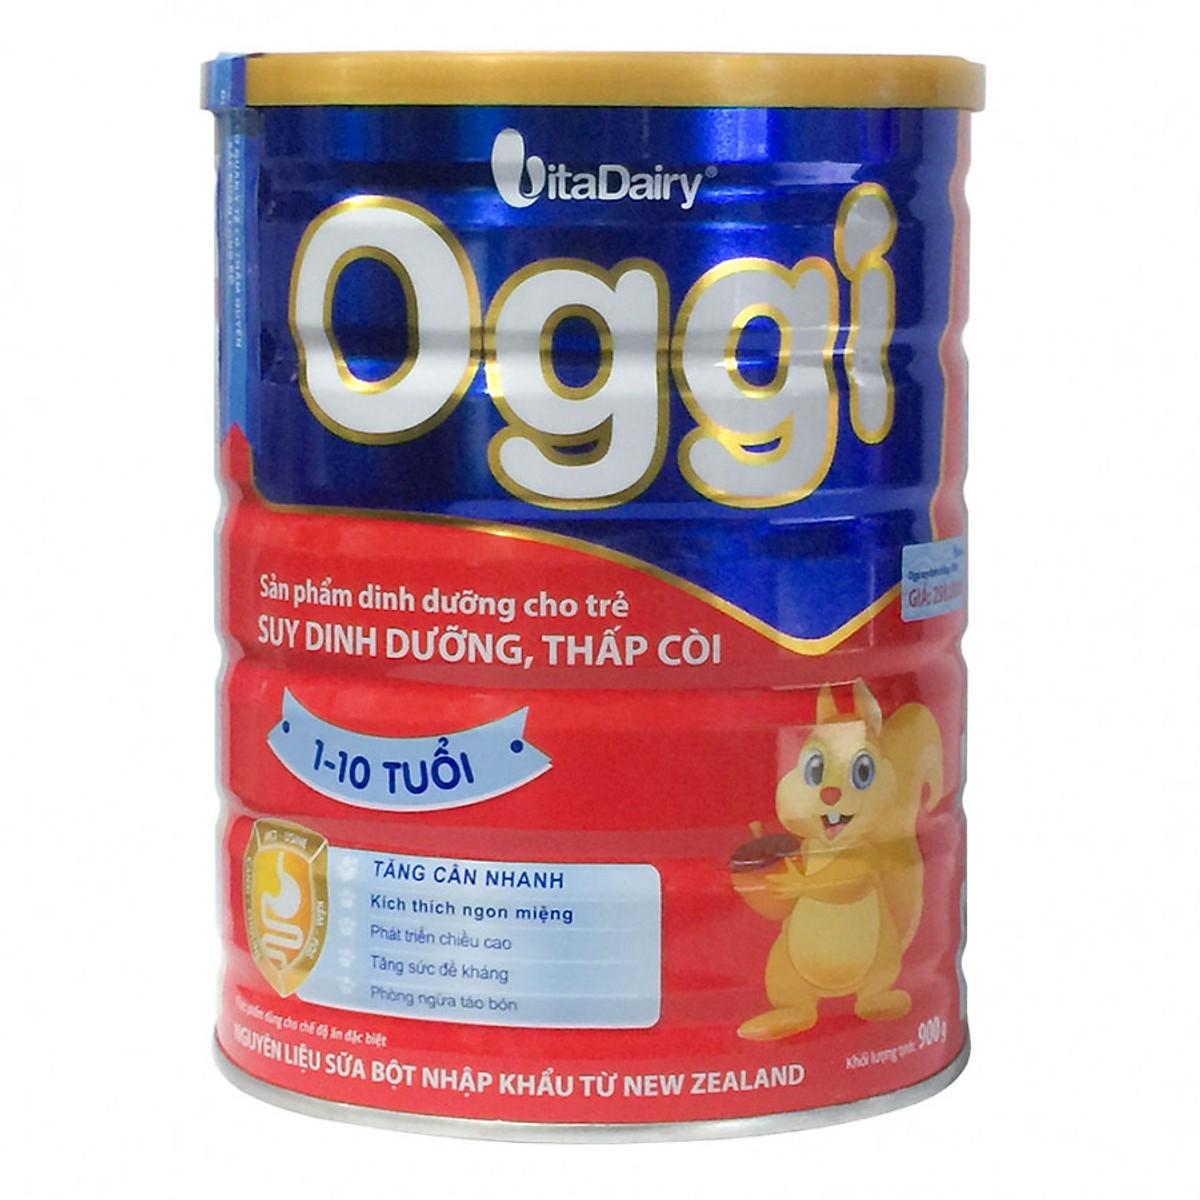 Sữa OGGI 900 gr : Dinh dưỡng cho trẻ suy dinh dưỡng , thấp còi từ 1 đến 10 tuổi